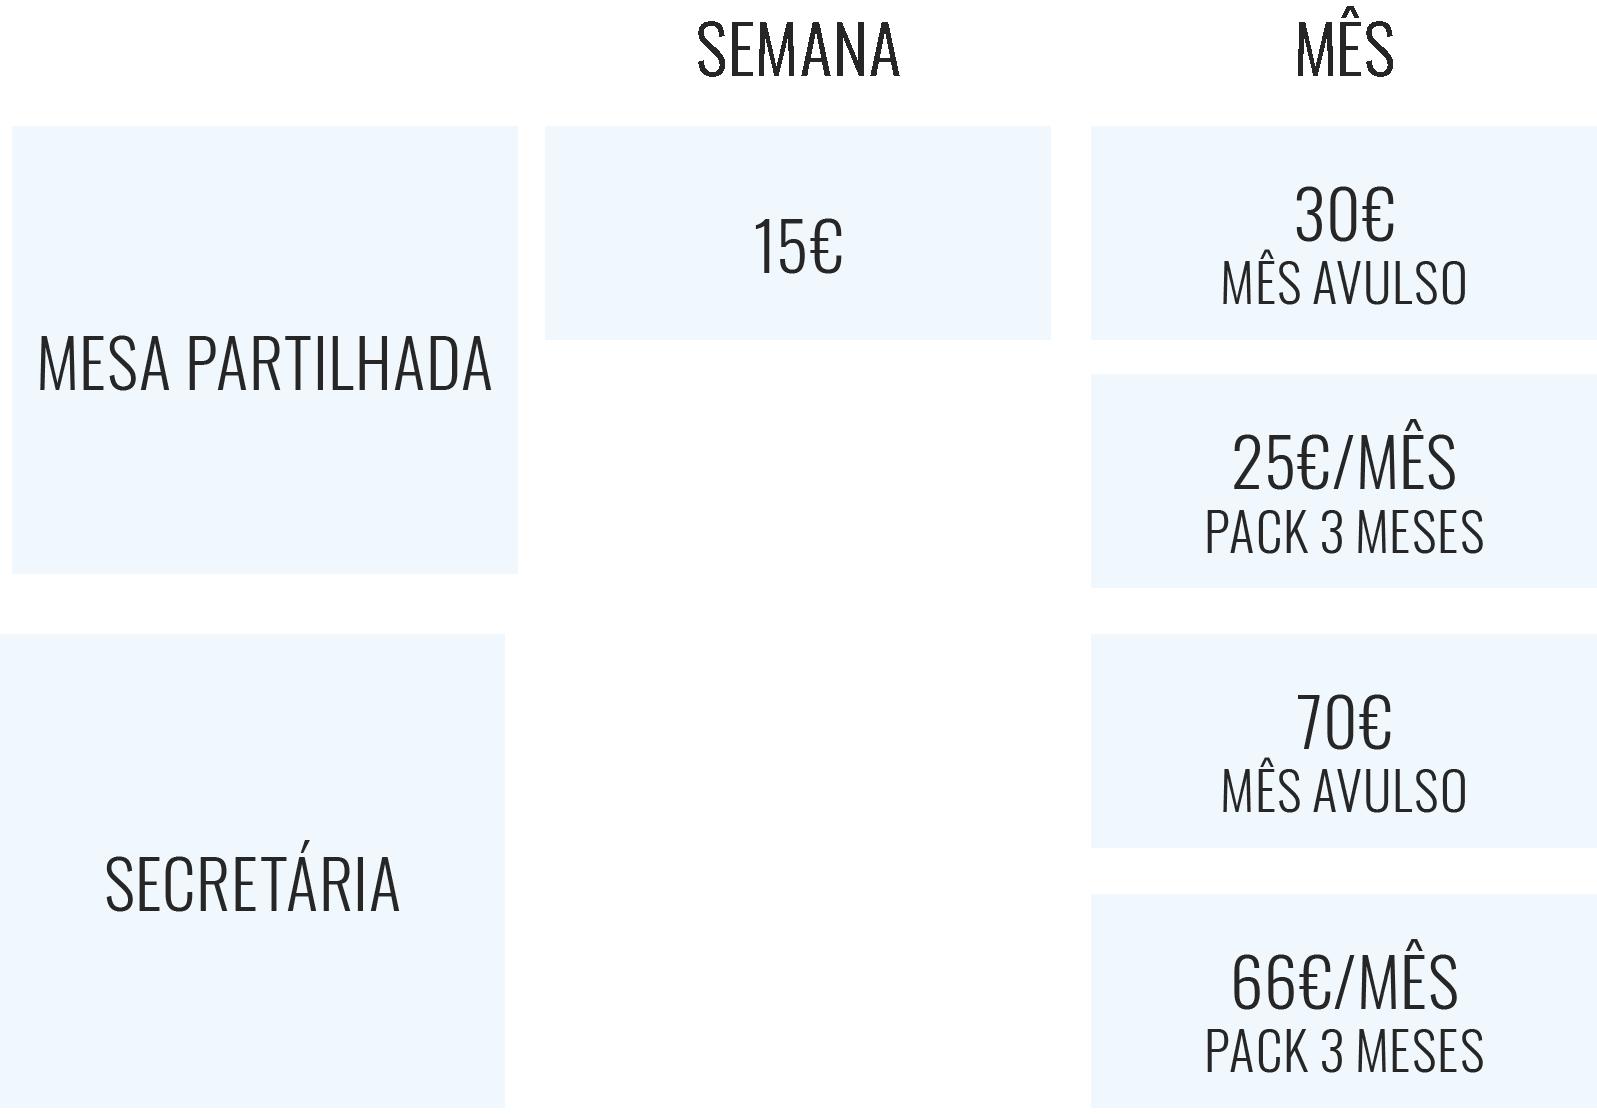 Preçário: mesa partilhada: 15€/semana, 30€/mês avulso, 25€/mês pacote 3 meses; secretária individual: 70€/mês avulso, 66€/mês pacote 3 meses